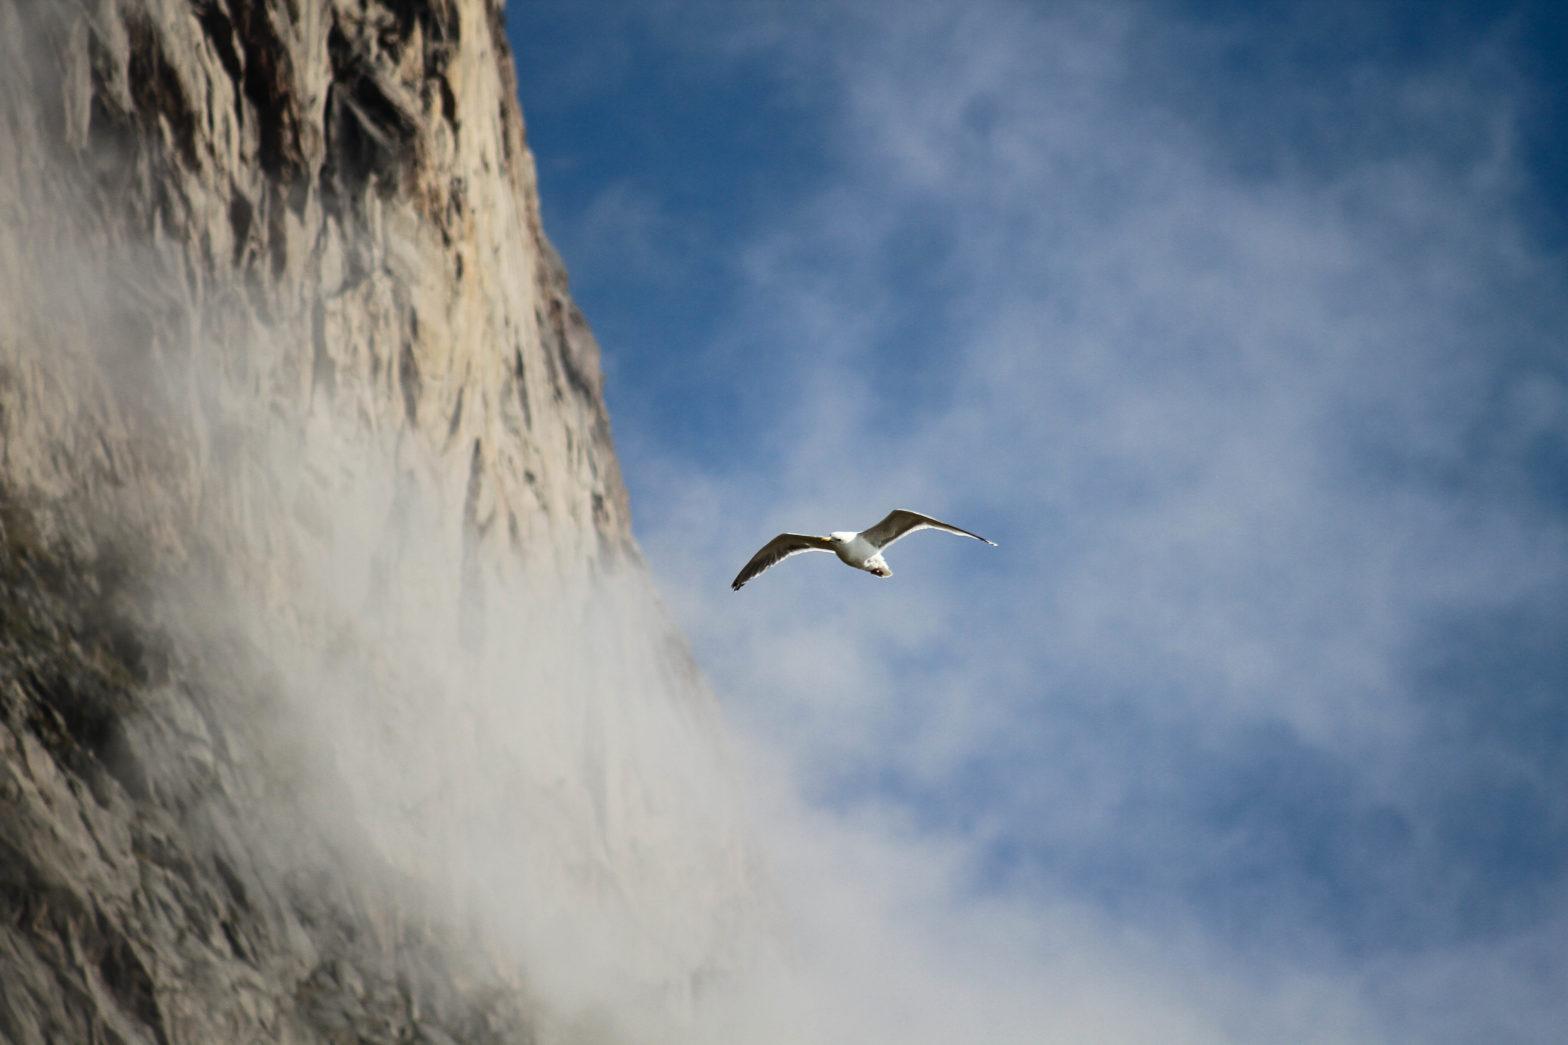 En måse flygende langs en fjellvegg fra froskeperspektiv.